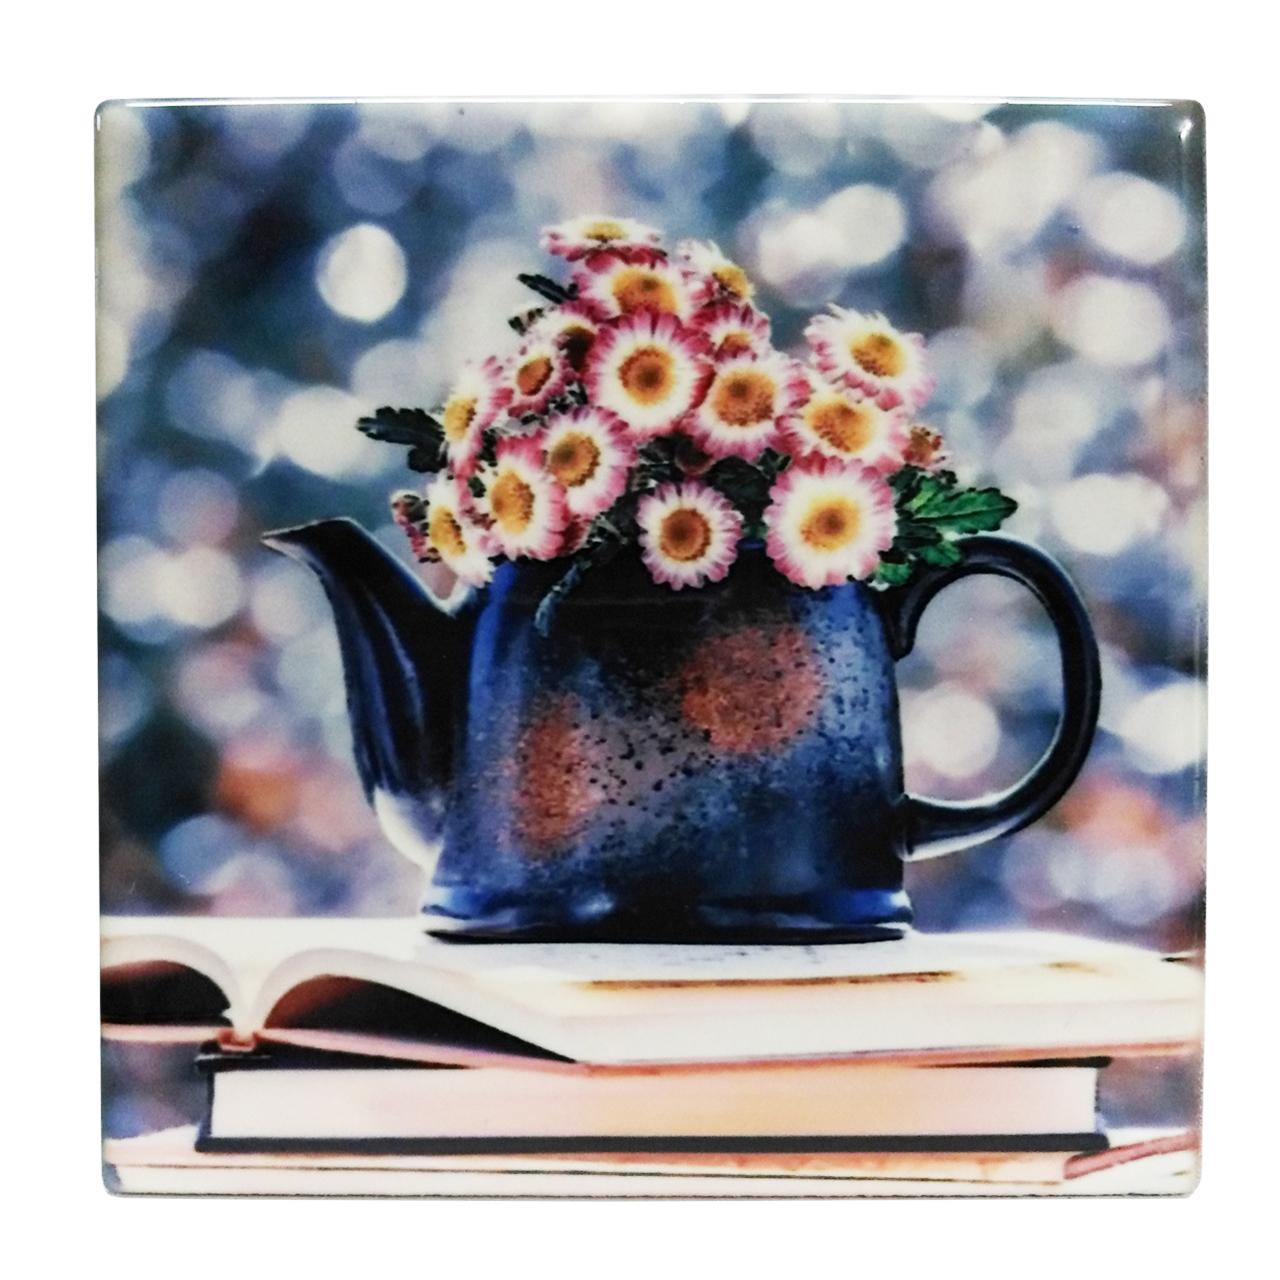 کاشی خشتی طرح گلدان و کتاب کد EK17